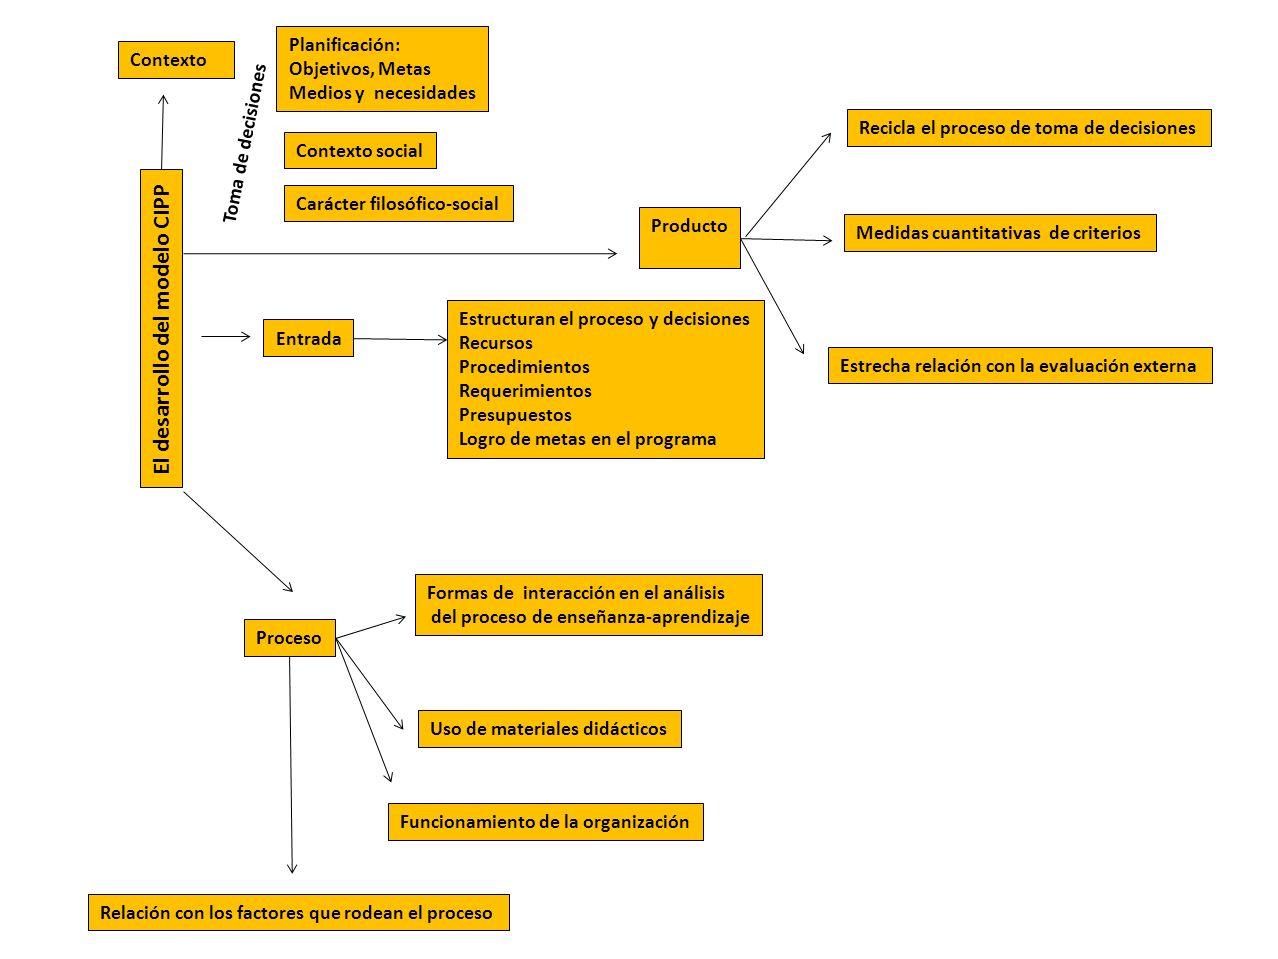 El desarrollo del modelo CIPP Contexto Entrada Proceso Producto Toma de decisiones Planificación: Objetivos, Metas Medios y necesidades Contexto social Carácter filosófico-social Estructuran el proceso y decisiones Recursos Procedimientos Requerimientos Presupuestos Logro de metas en el programa Formas de interacción en el análisis del proceso de enseñanza-aprendizaje Uso de materiales didácticos Funcionamiento de la organización Relación con los factores que rodean el proceso Recicla el proceso de toma de decisiones Medidas cuantitativas de criterios Estrecha relación con la evaluación externa